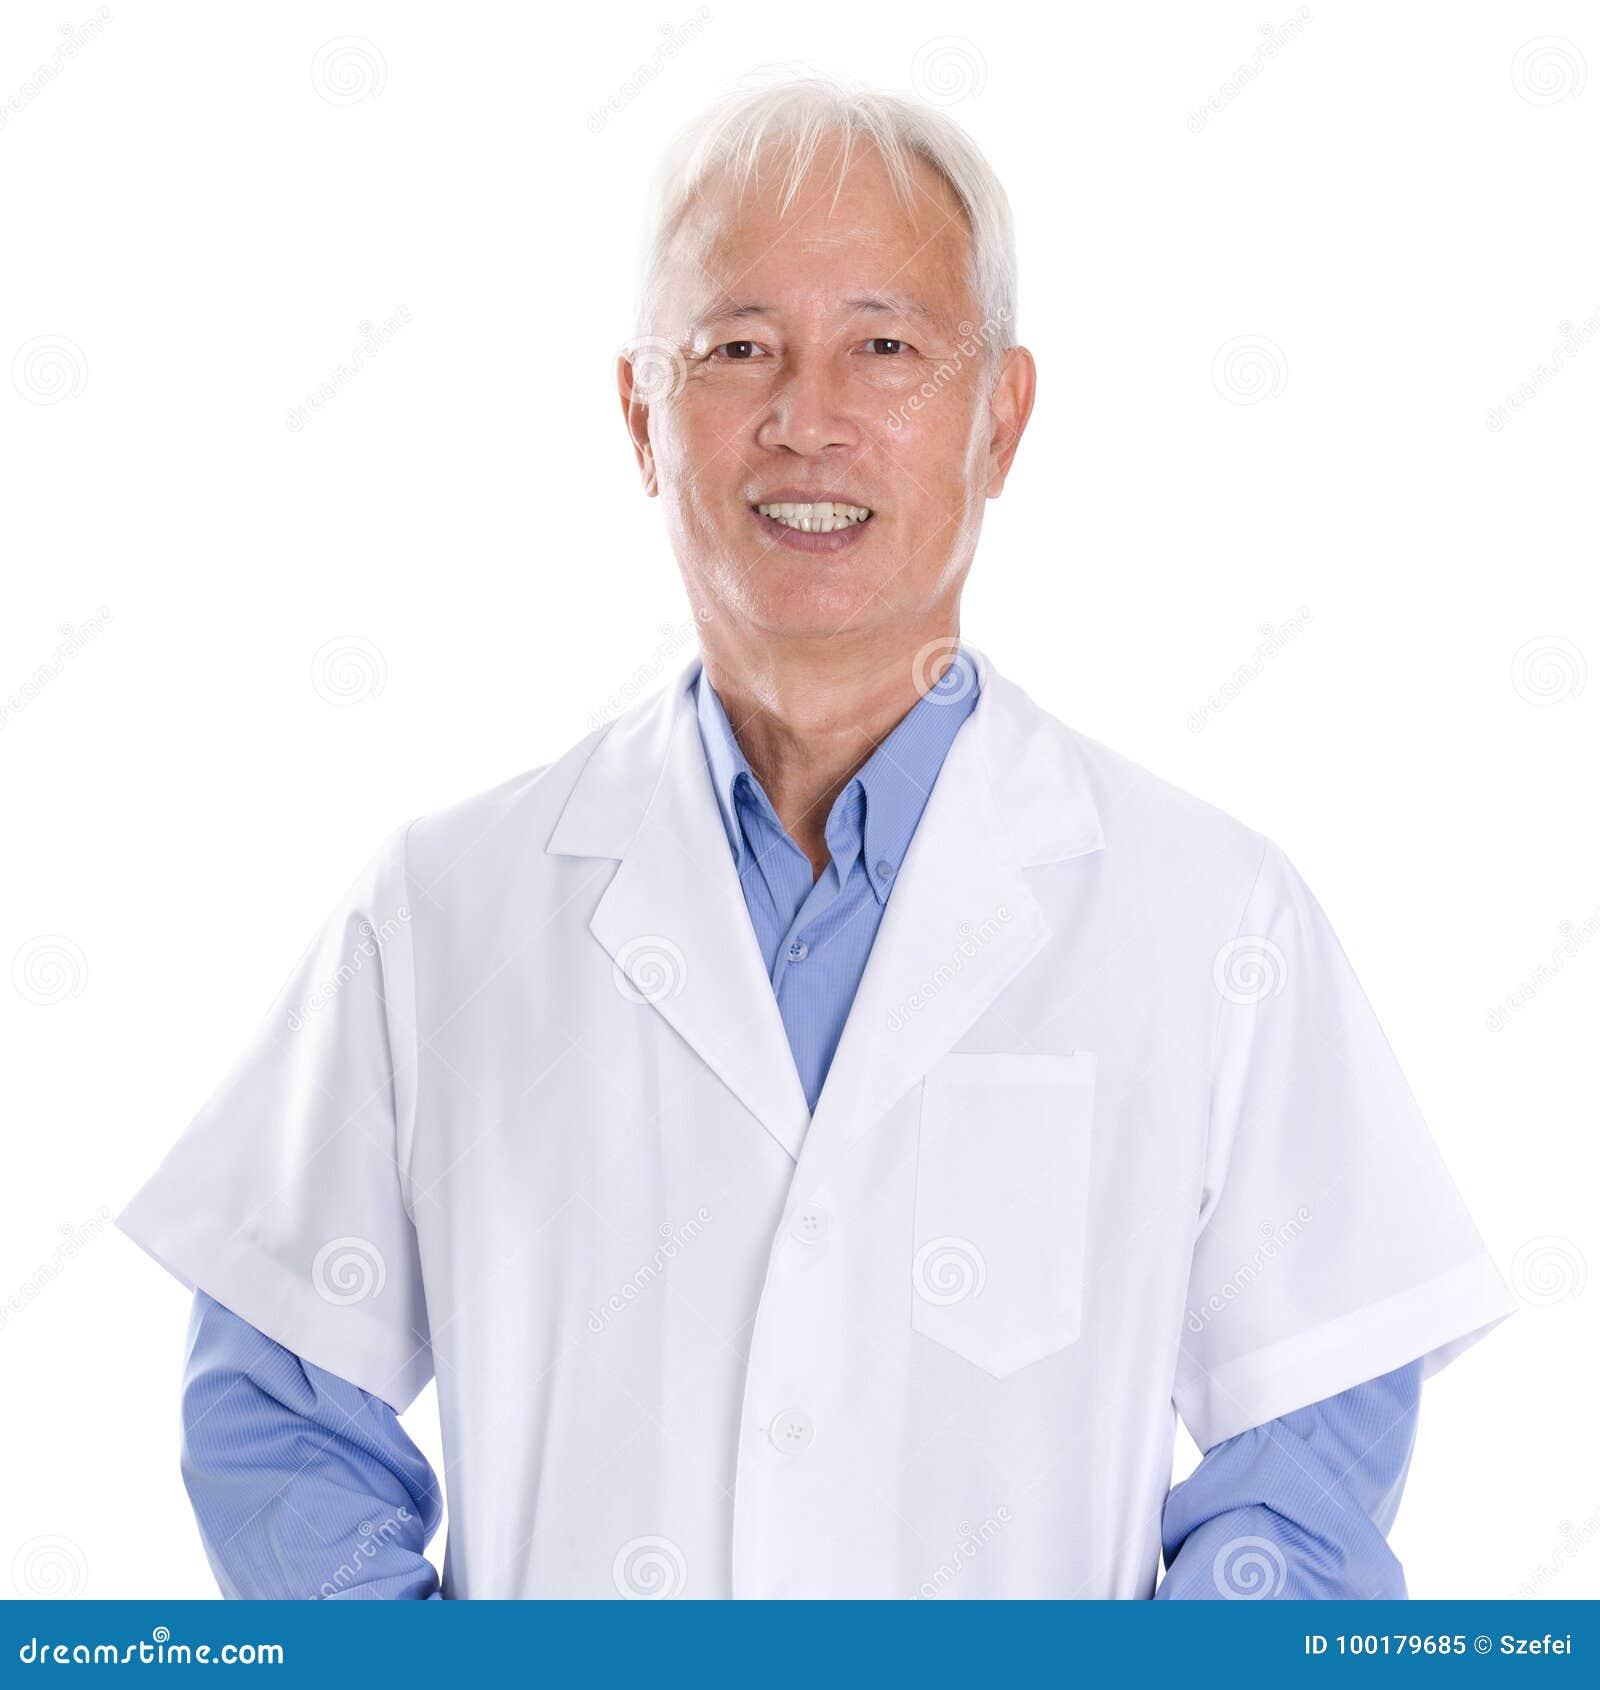 coat lab uniform in Asian